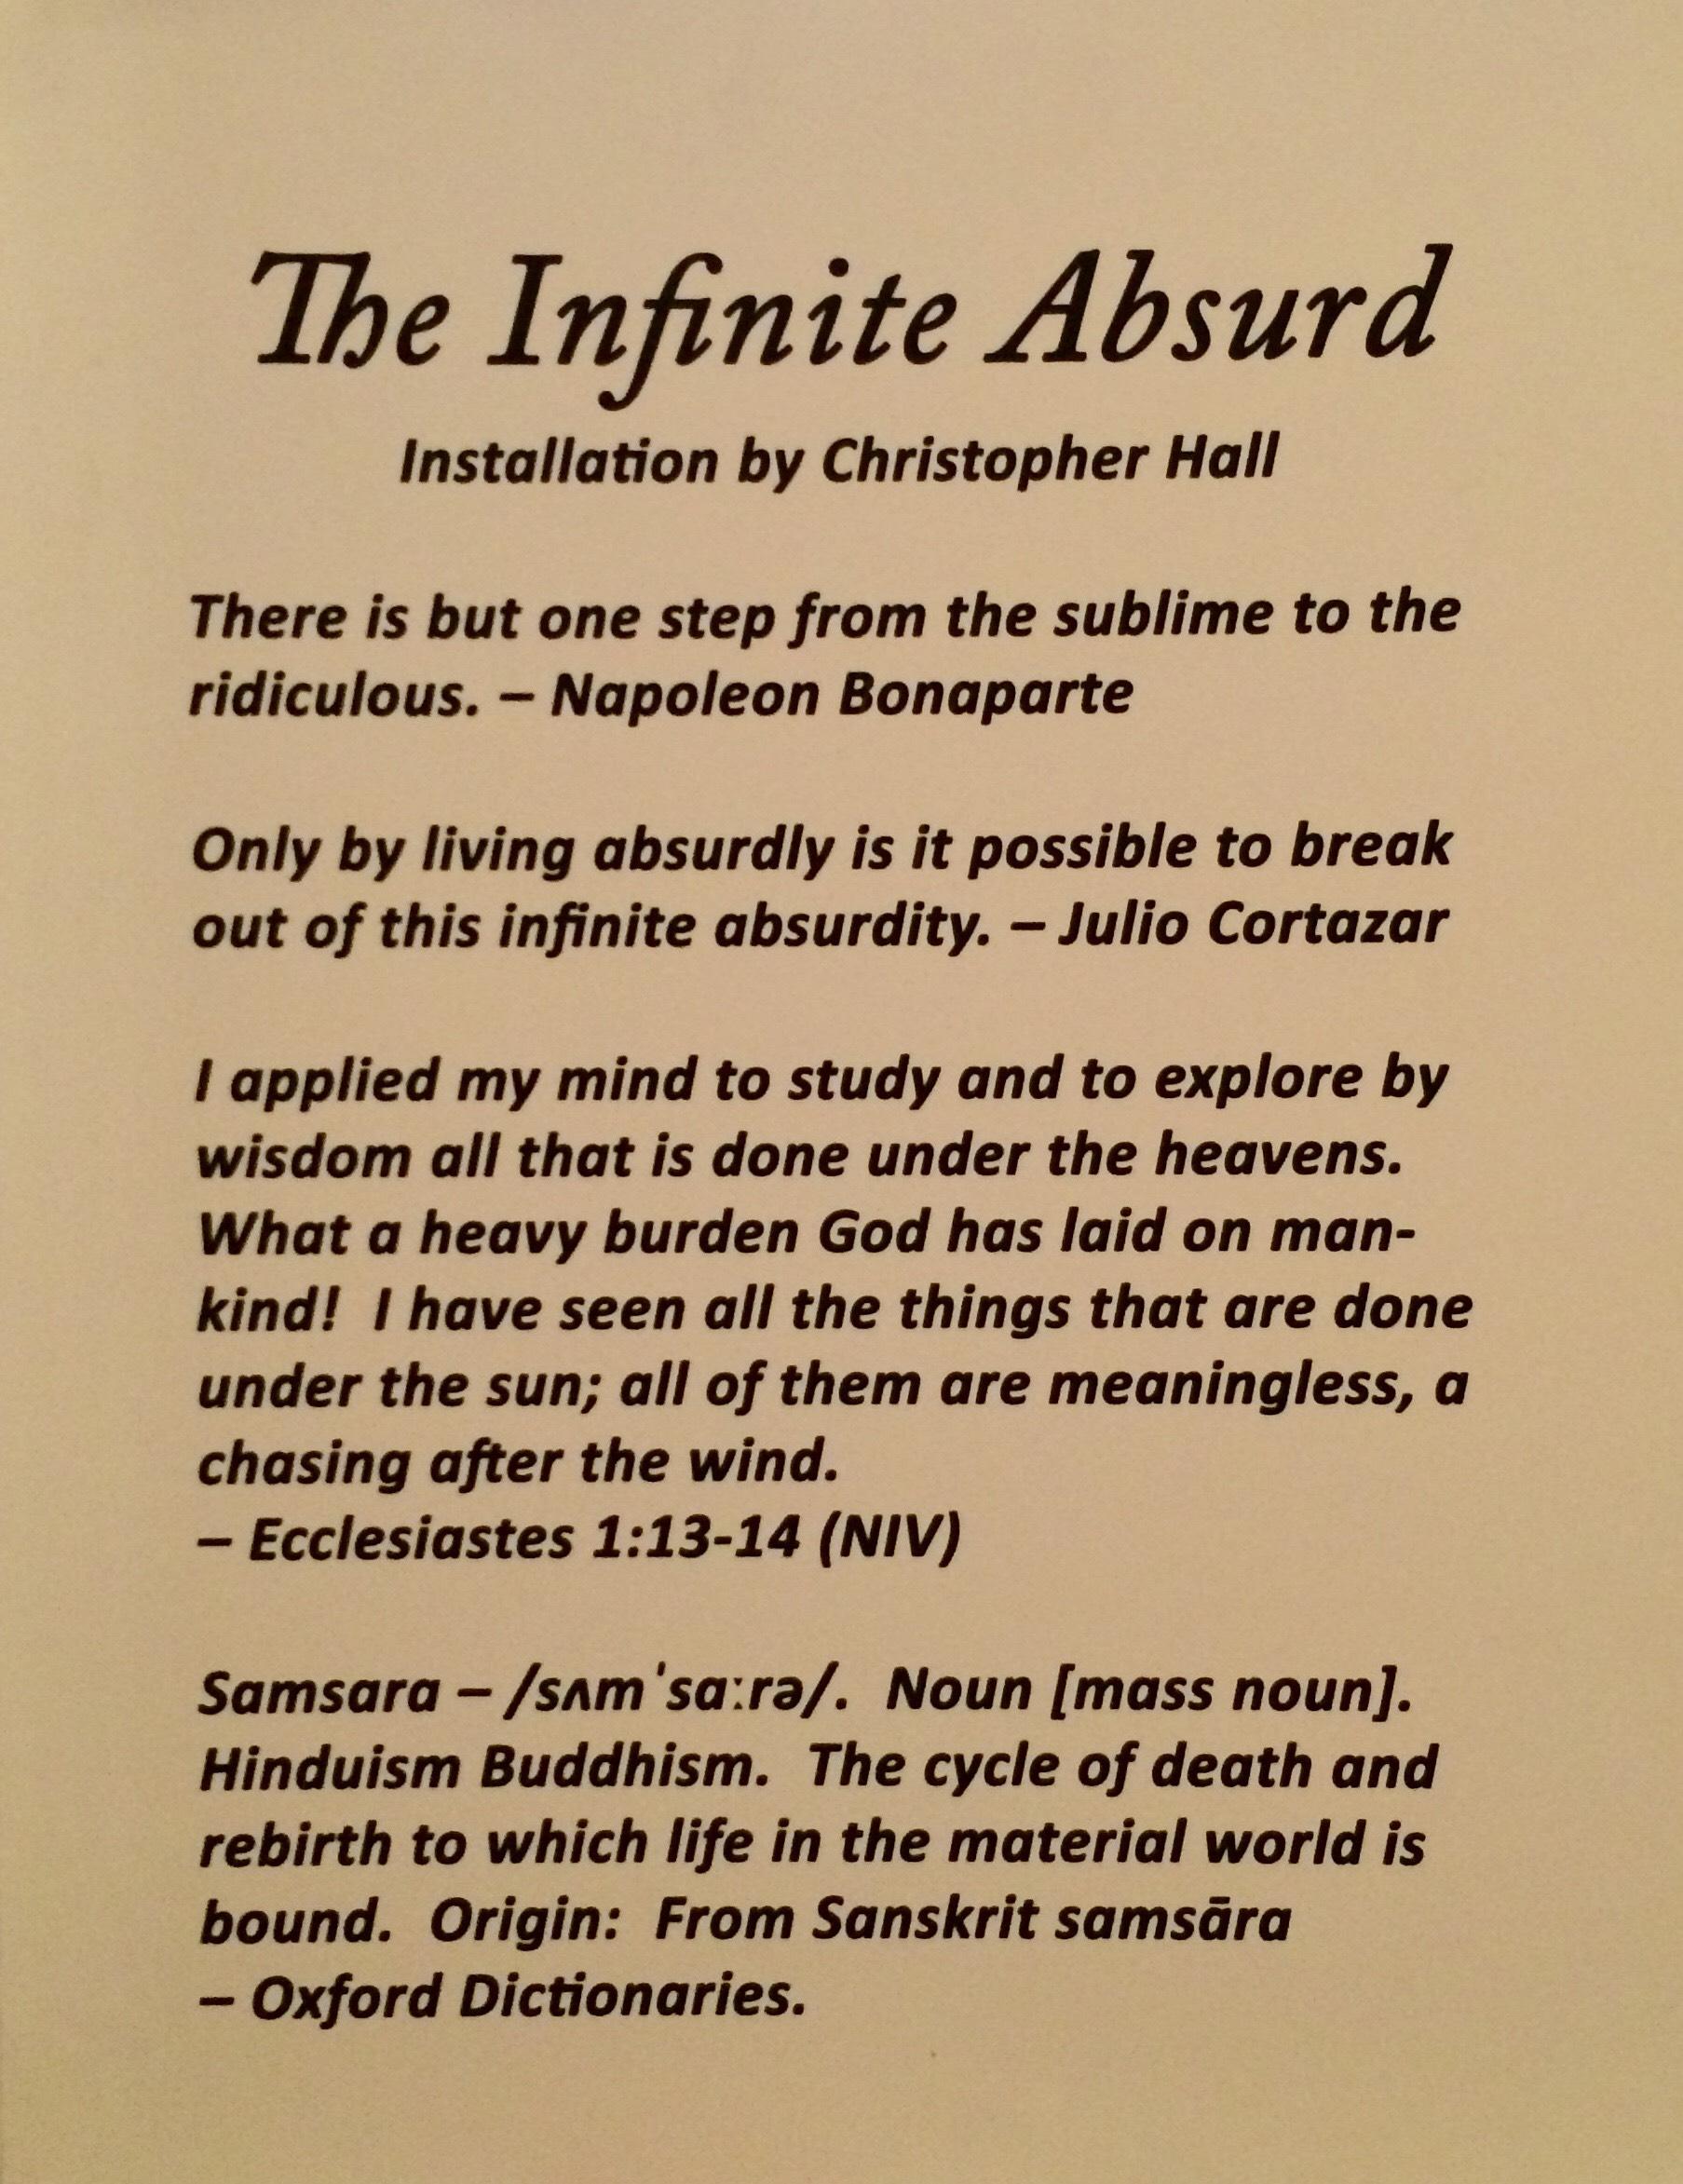 The Infinite Absurd 0.JPG